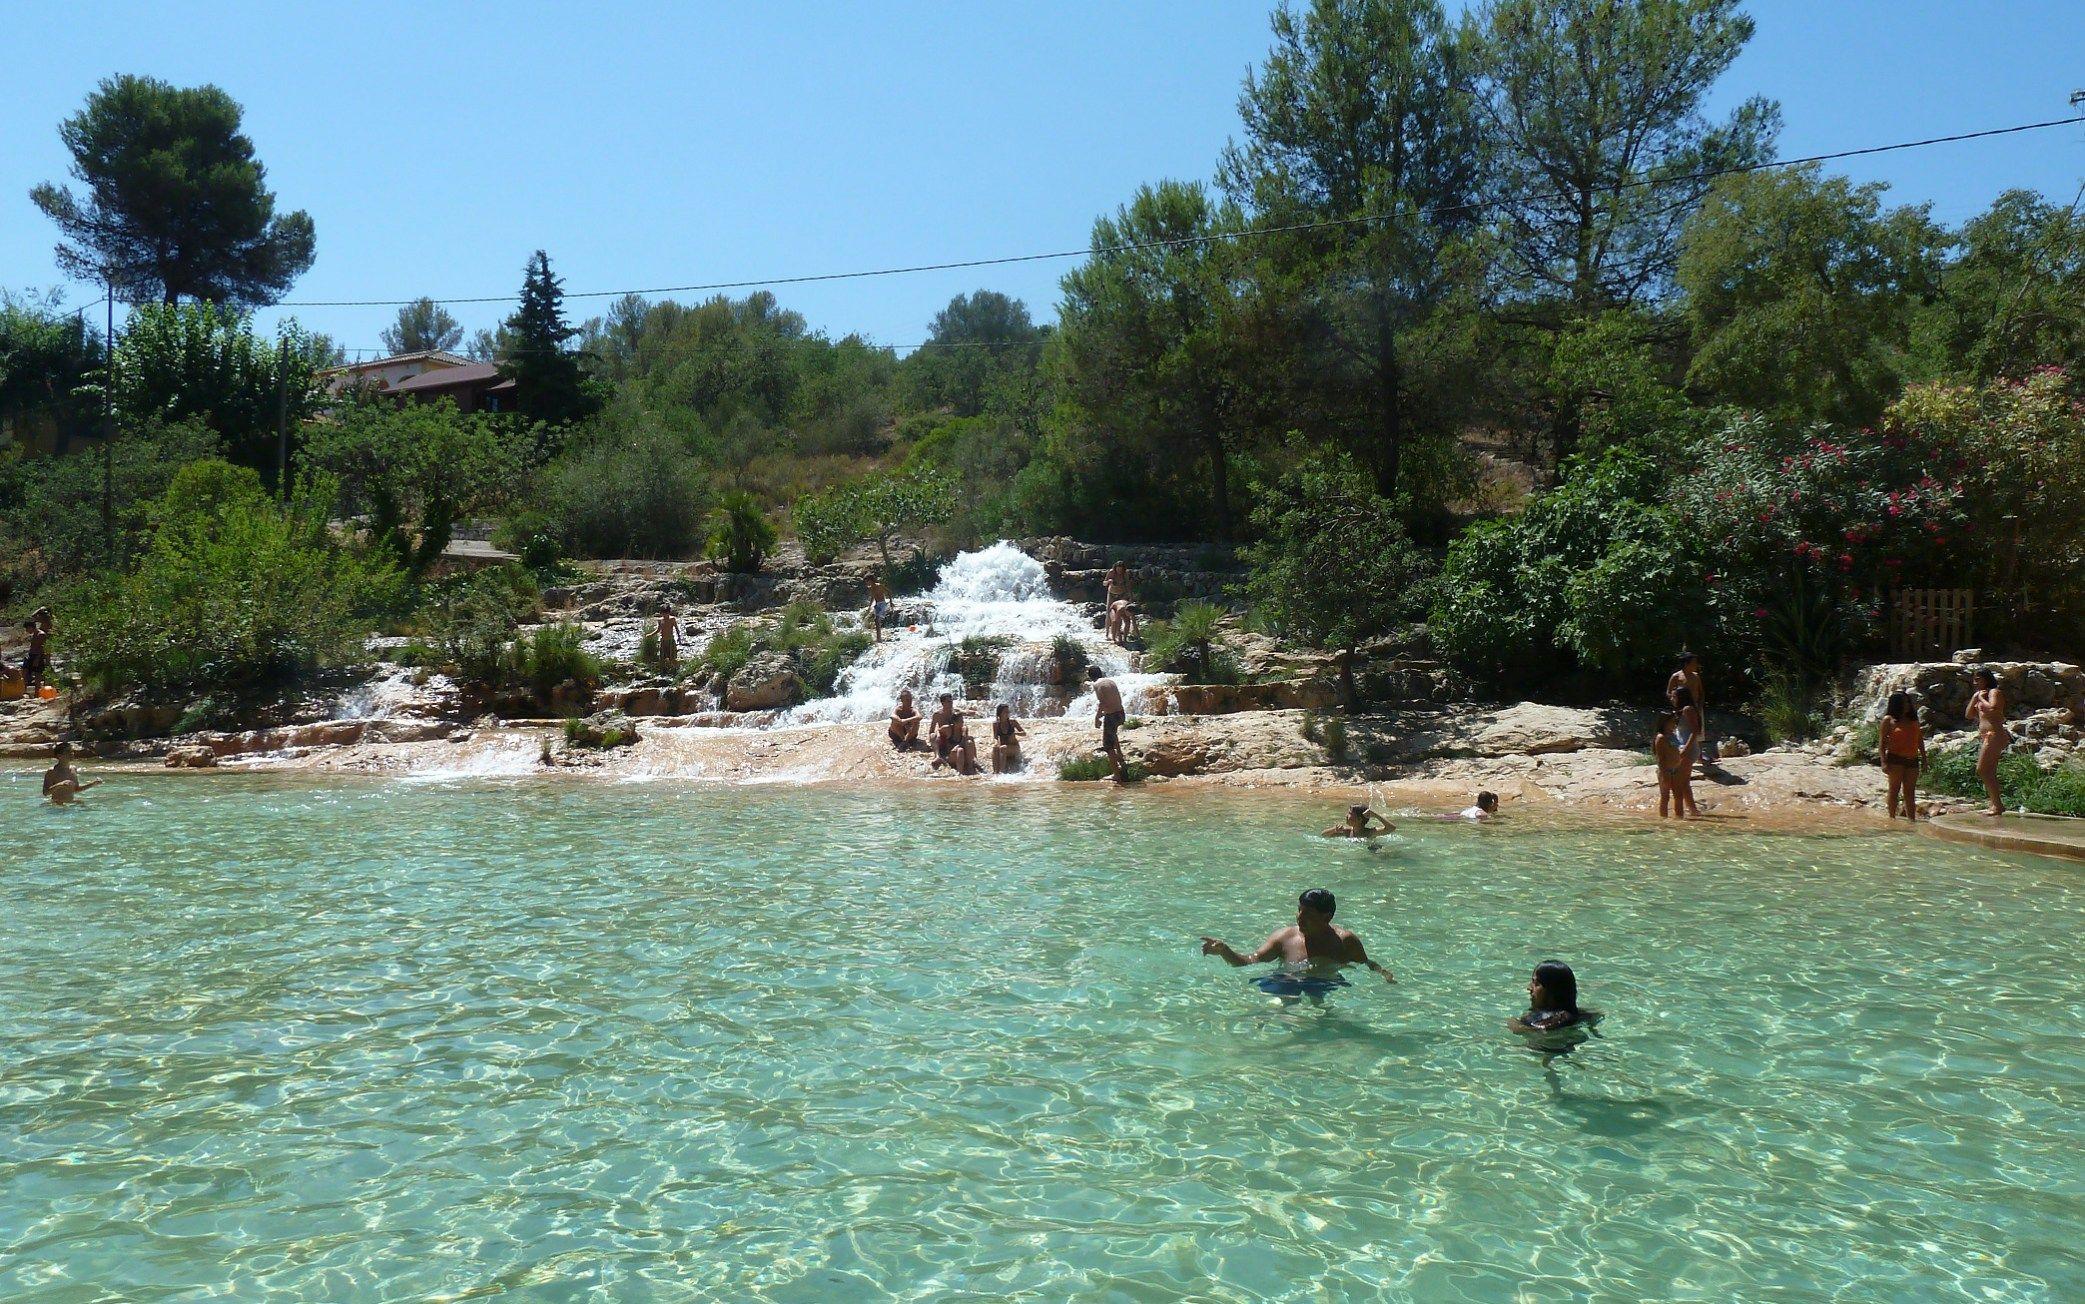 Las Mejores Zonas De Baño En Plena Naturaleza En La Comunidad Valenciana Piscinas Naturales Lago Lagos